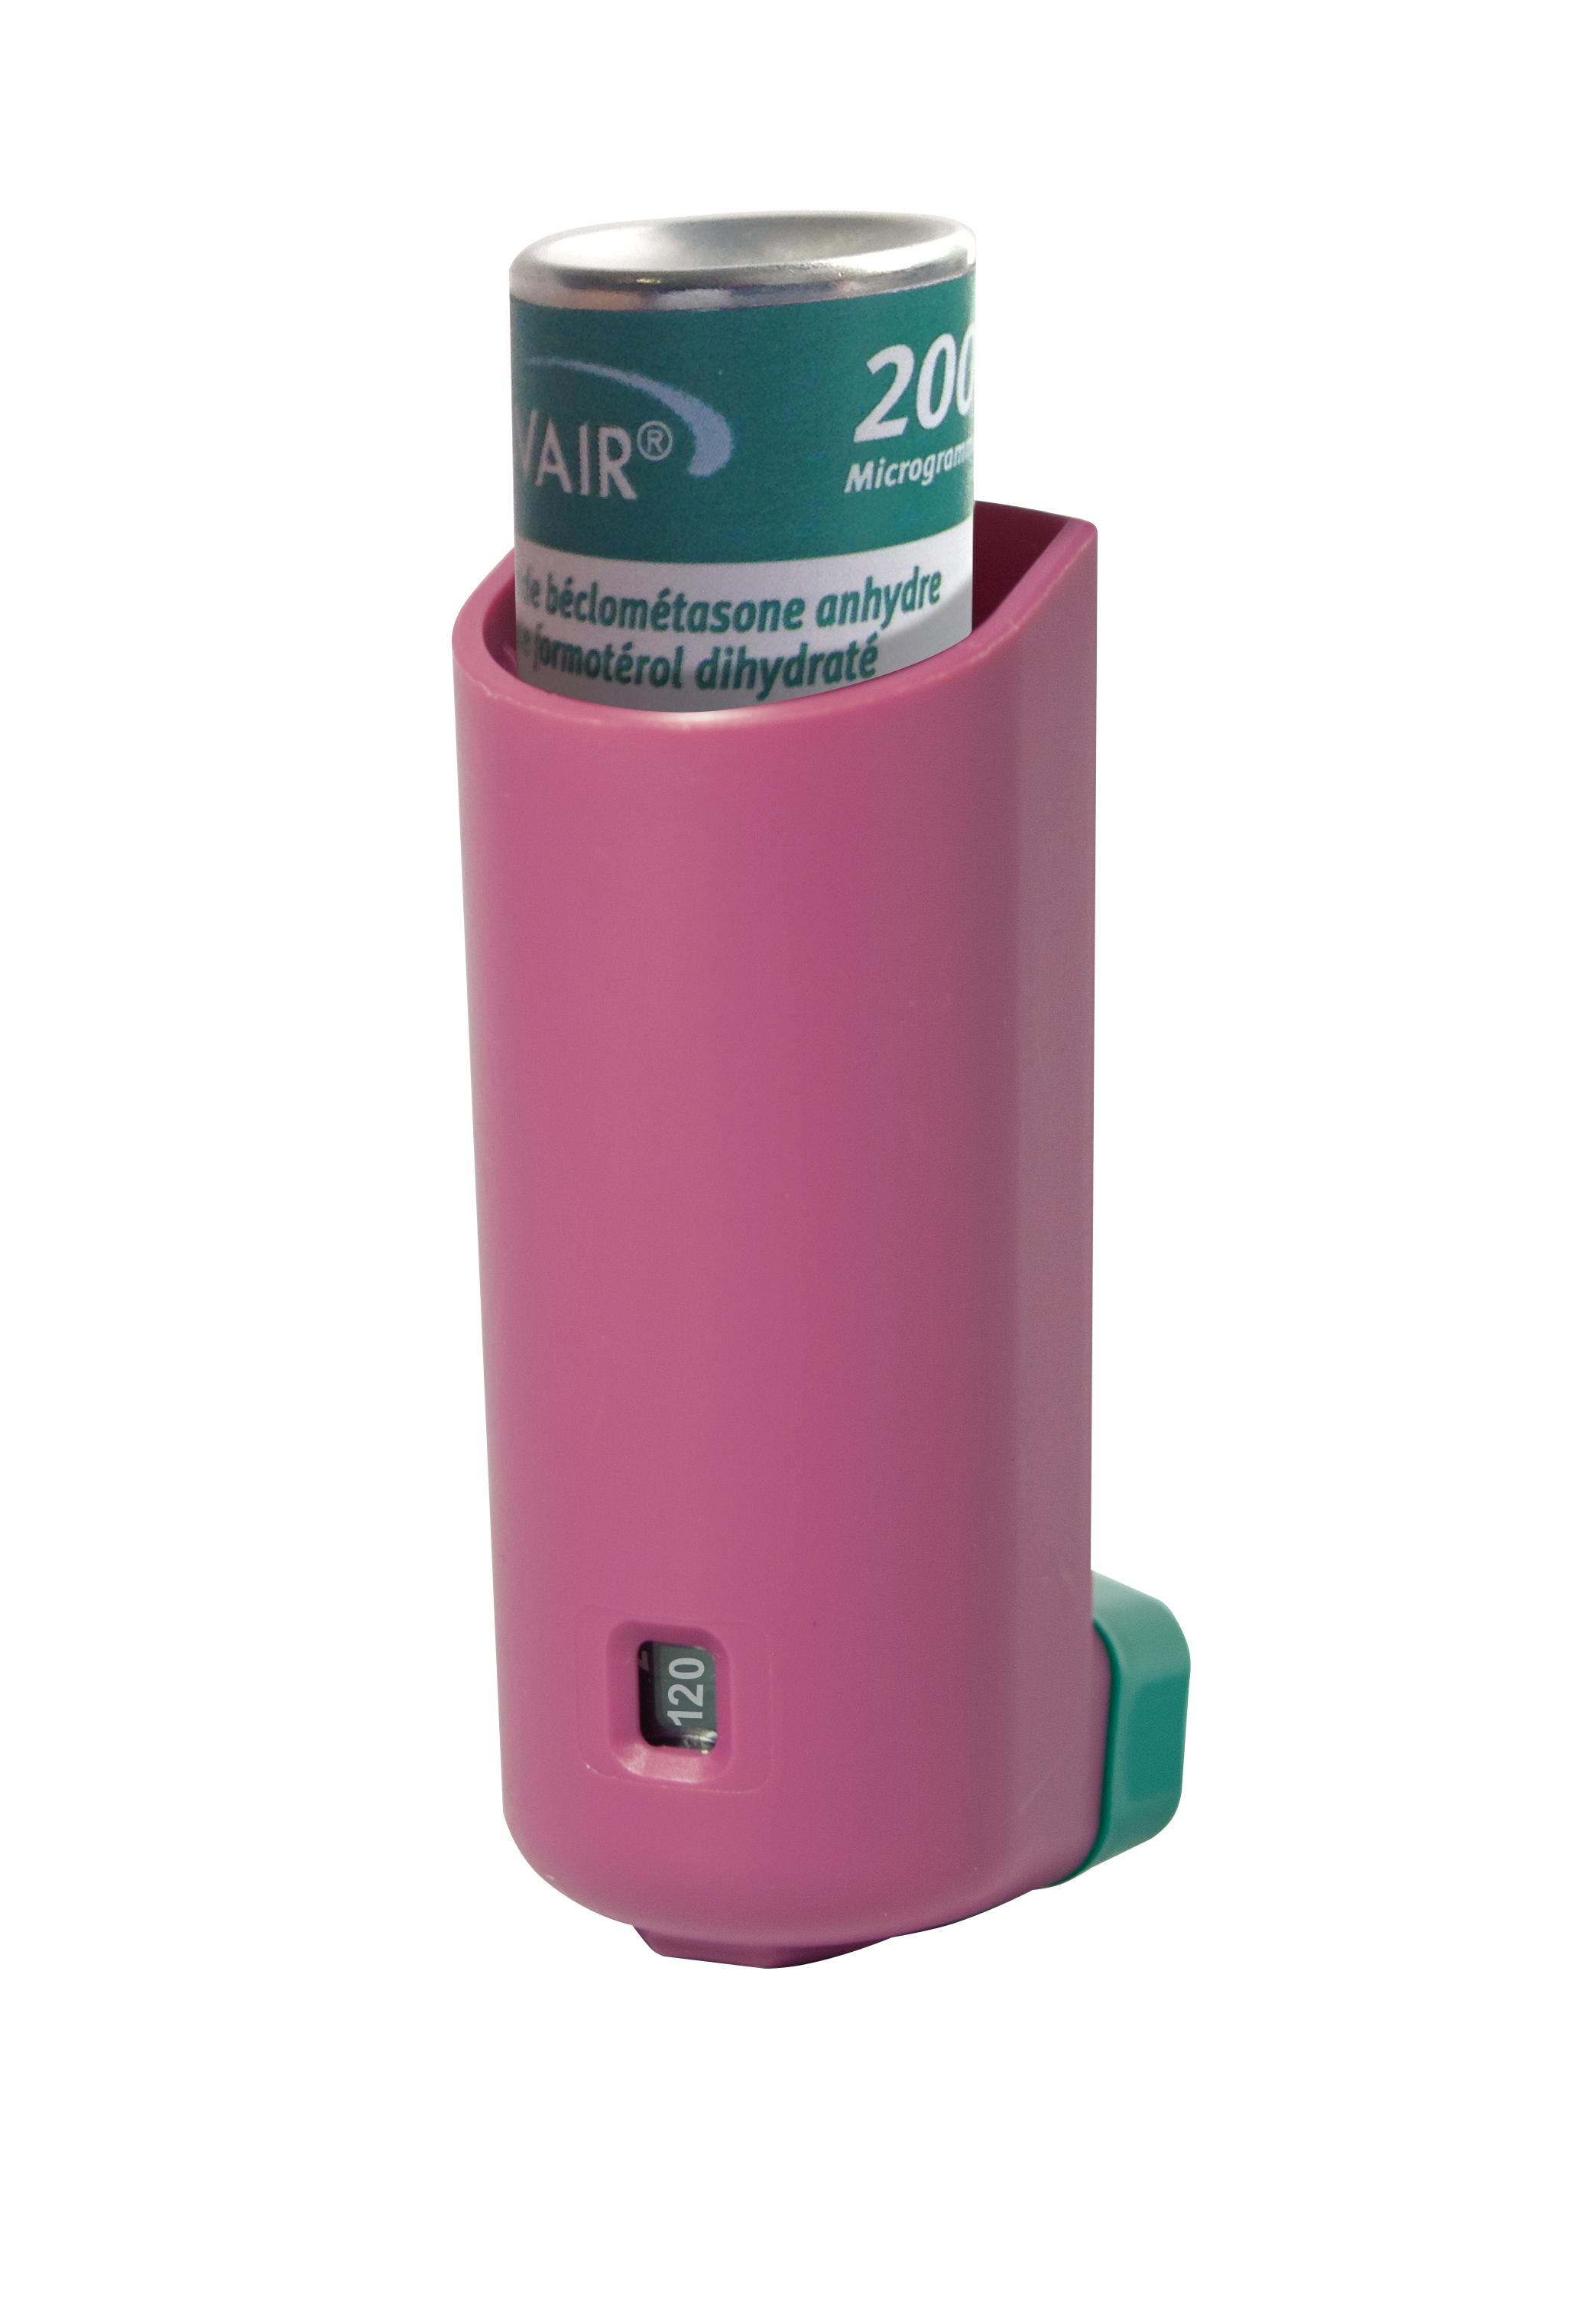 Image INNOVAIR 200/6 µg/dose S inh en flacon pressurisé Fl/120doses